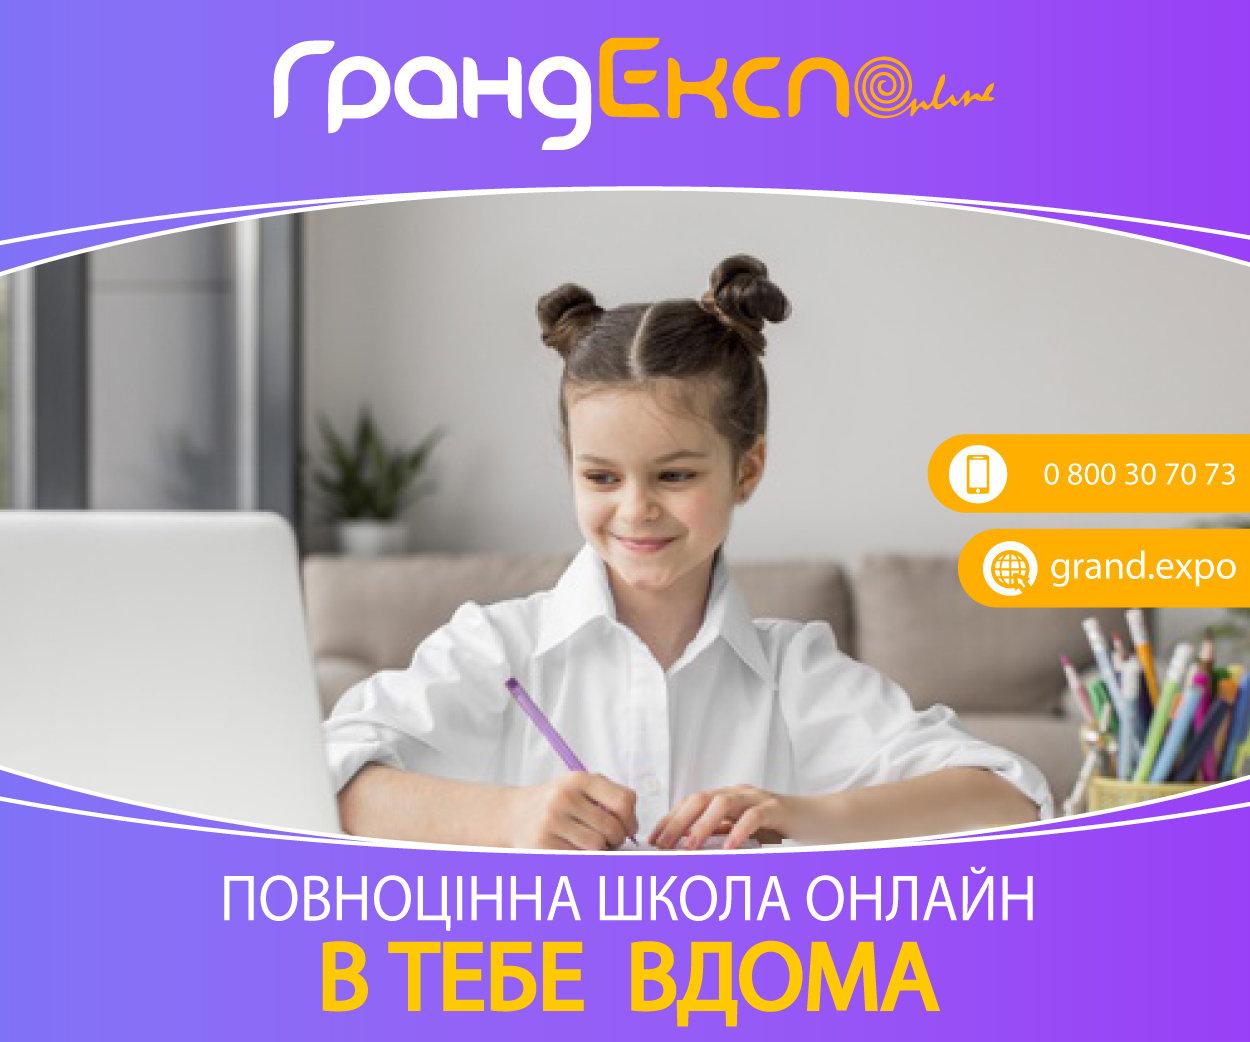 Развитие и образование ребенка в Харькове, фото-124